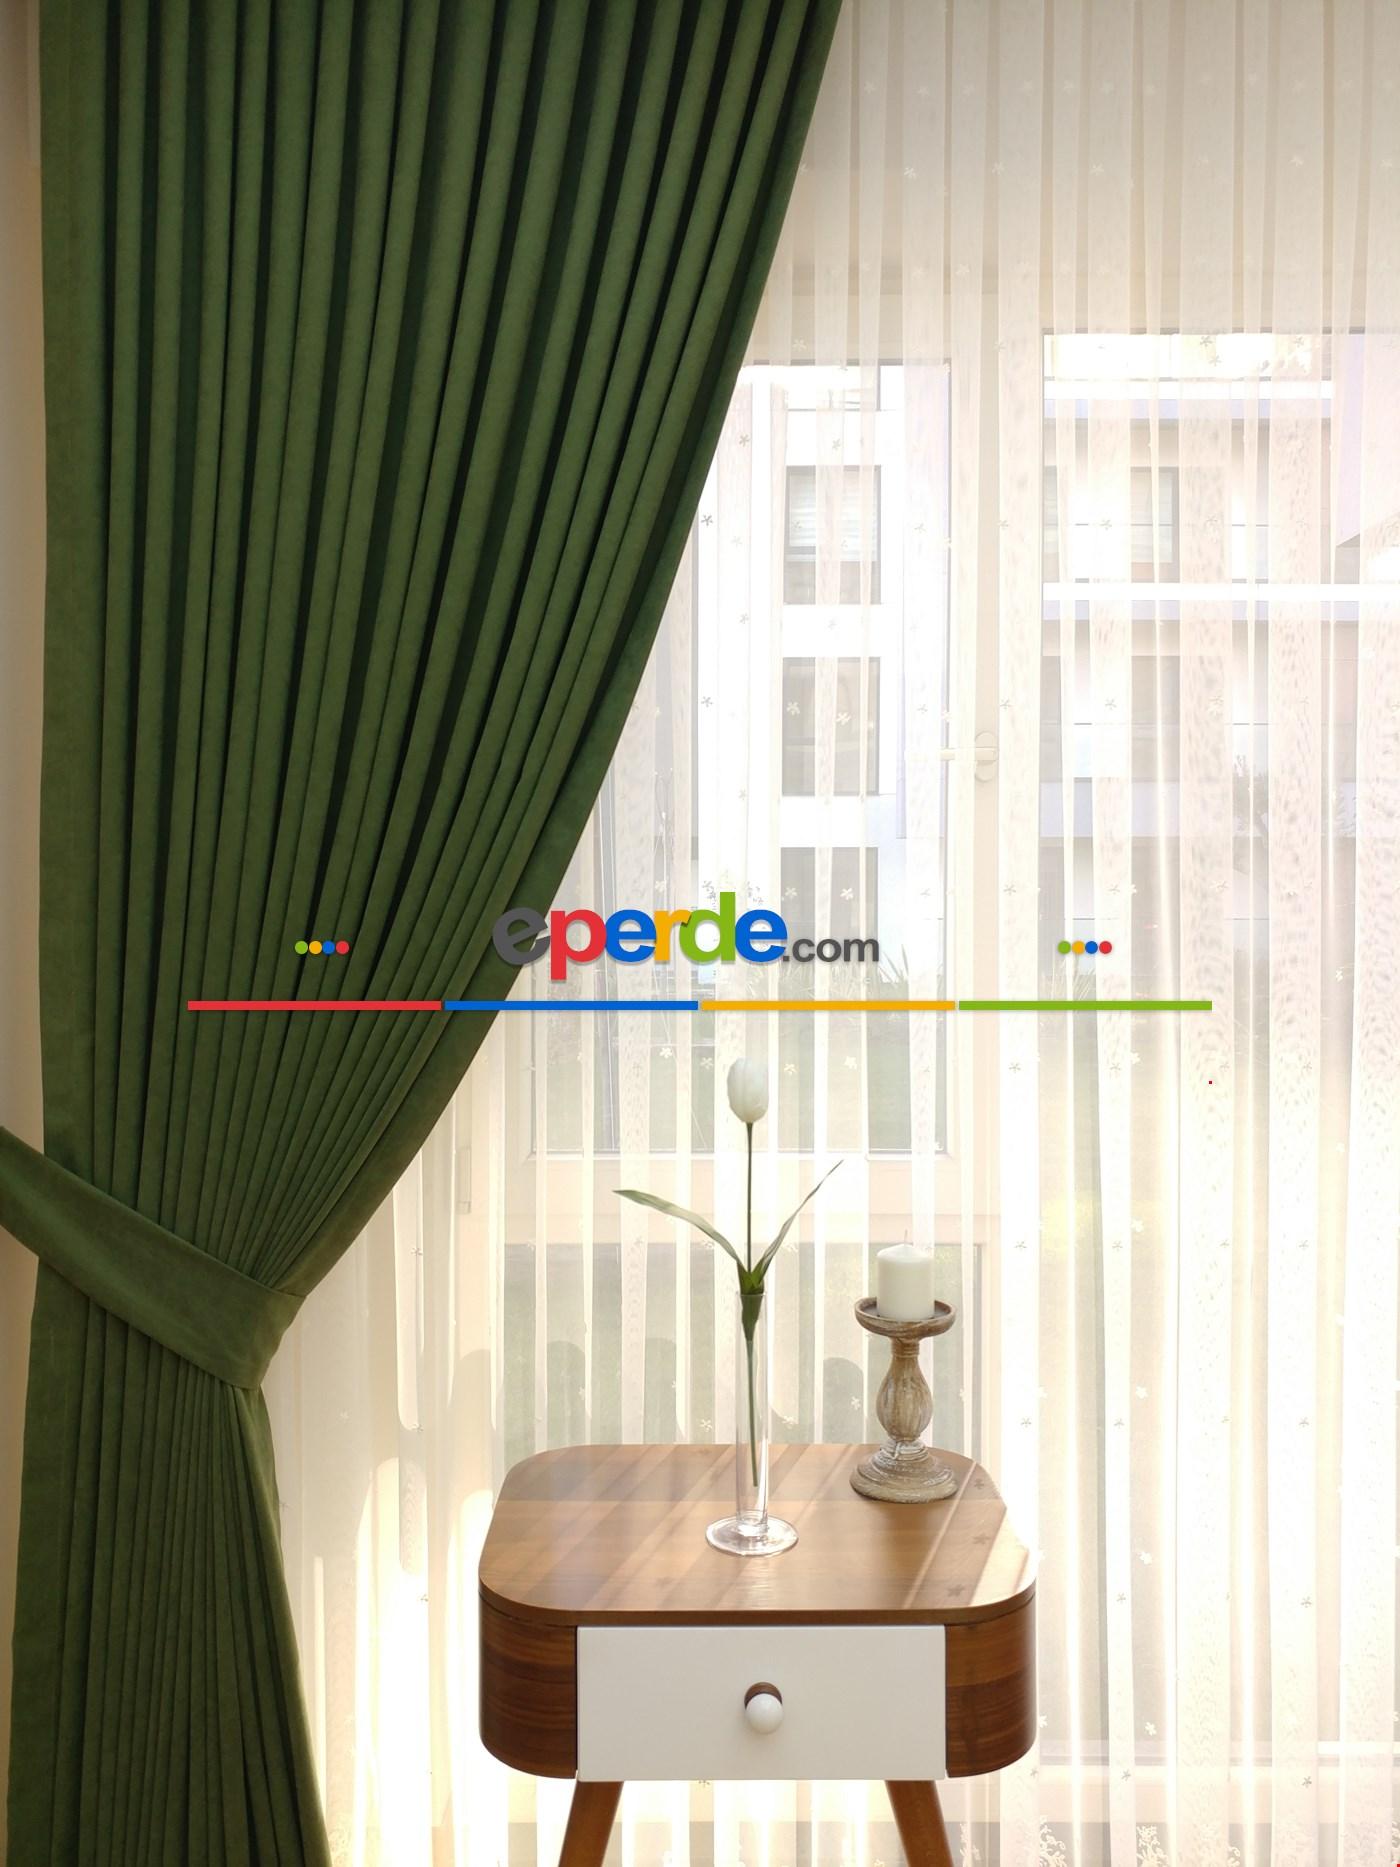 Kahverengi - Düz Fon Perde ( En 180cm Dökümlü Fon Perde) Yeşil Koyu Yeşil